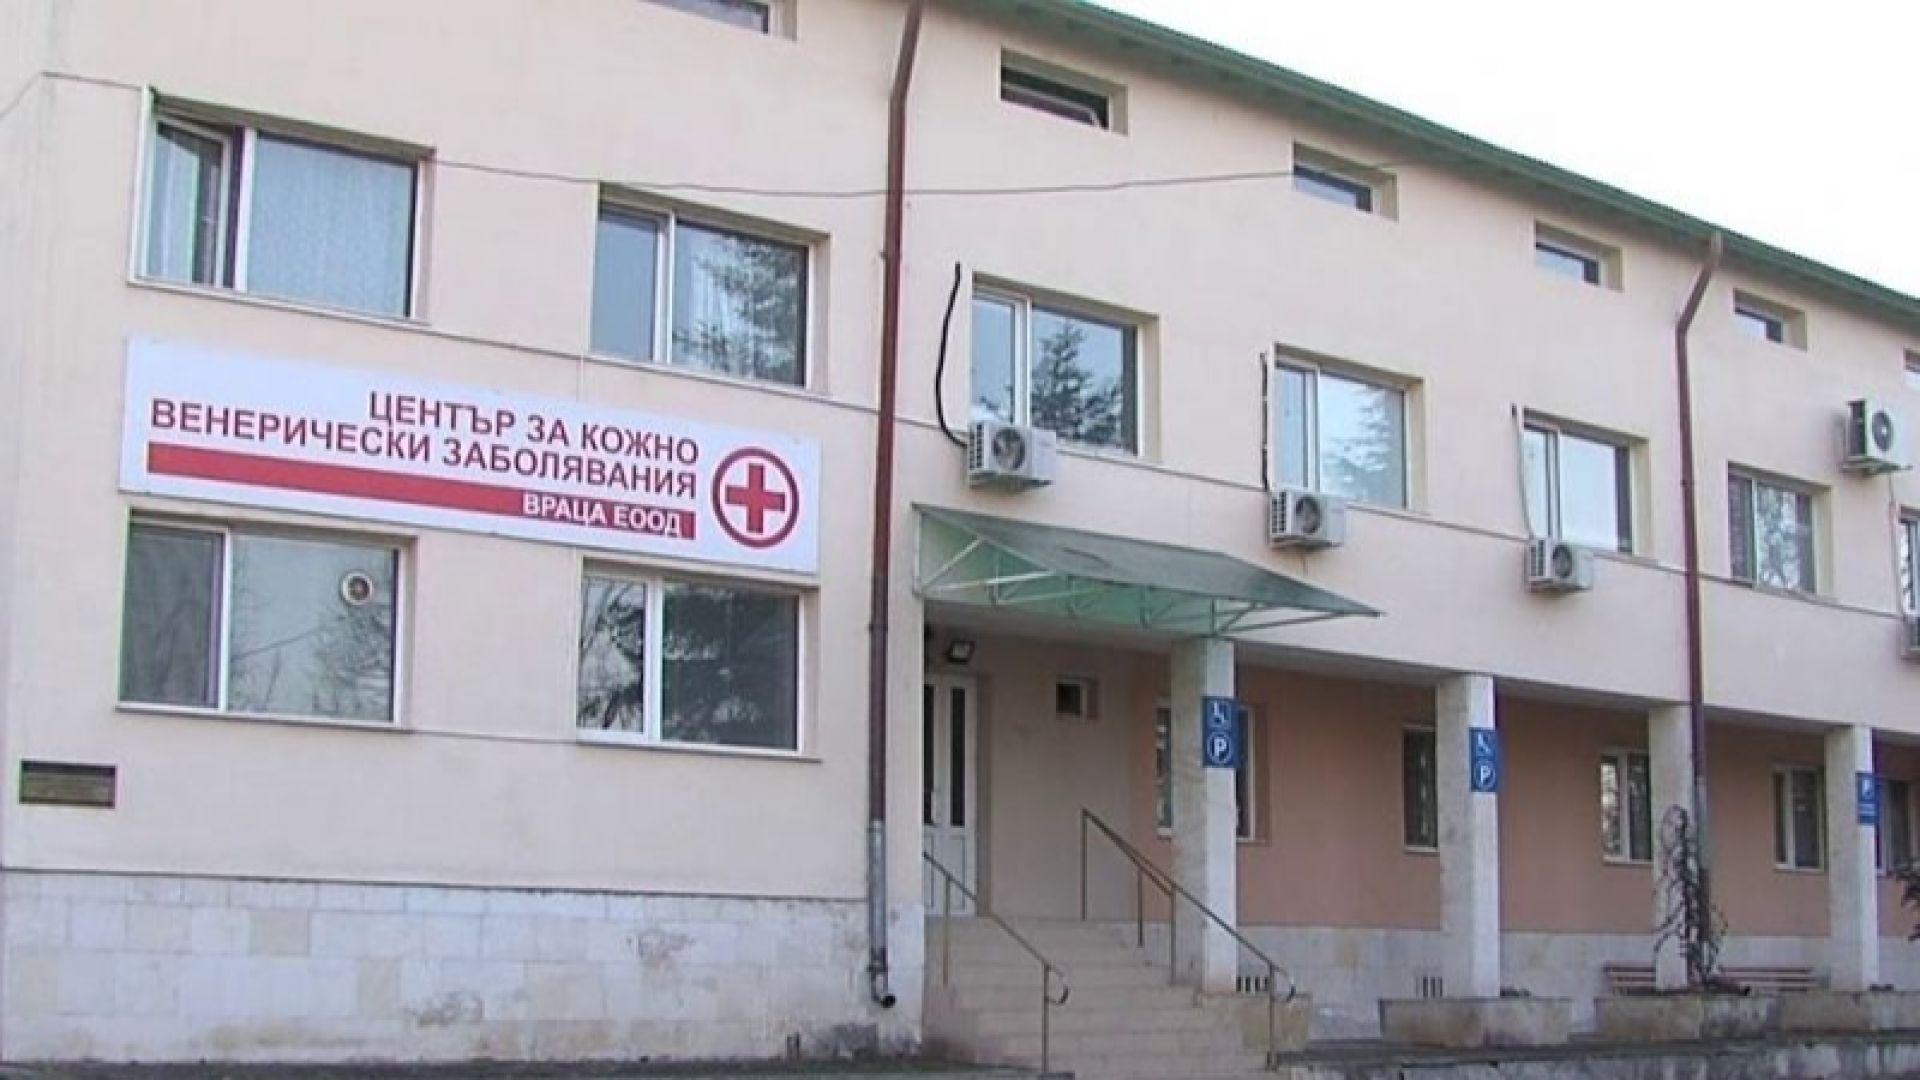 52-годишна жена внезапно почина пред входа на Спешното във Враца